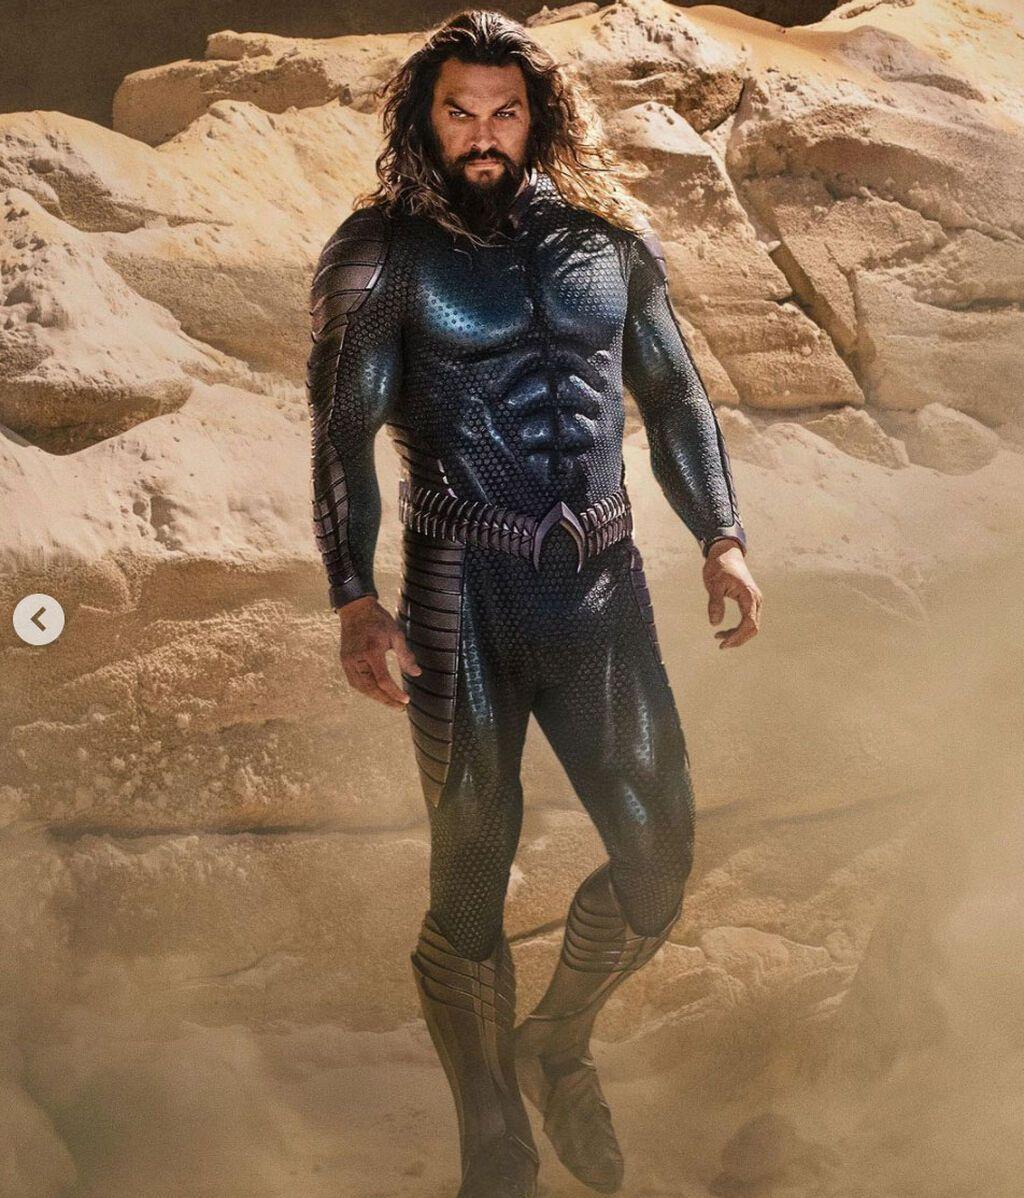 El neuvo traje de Aquaman